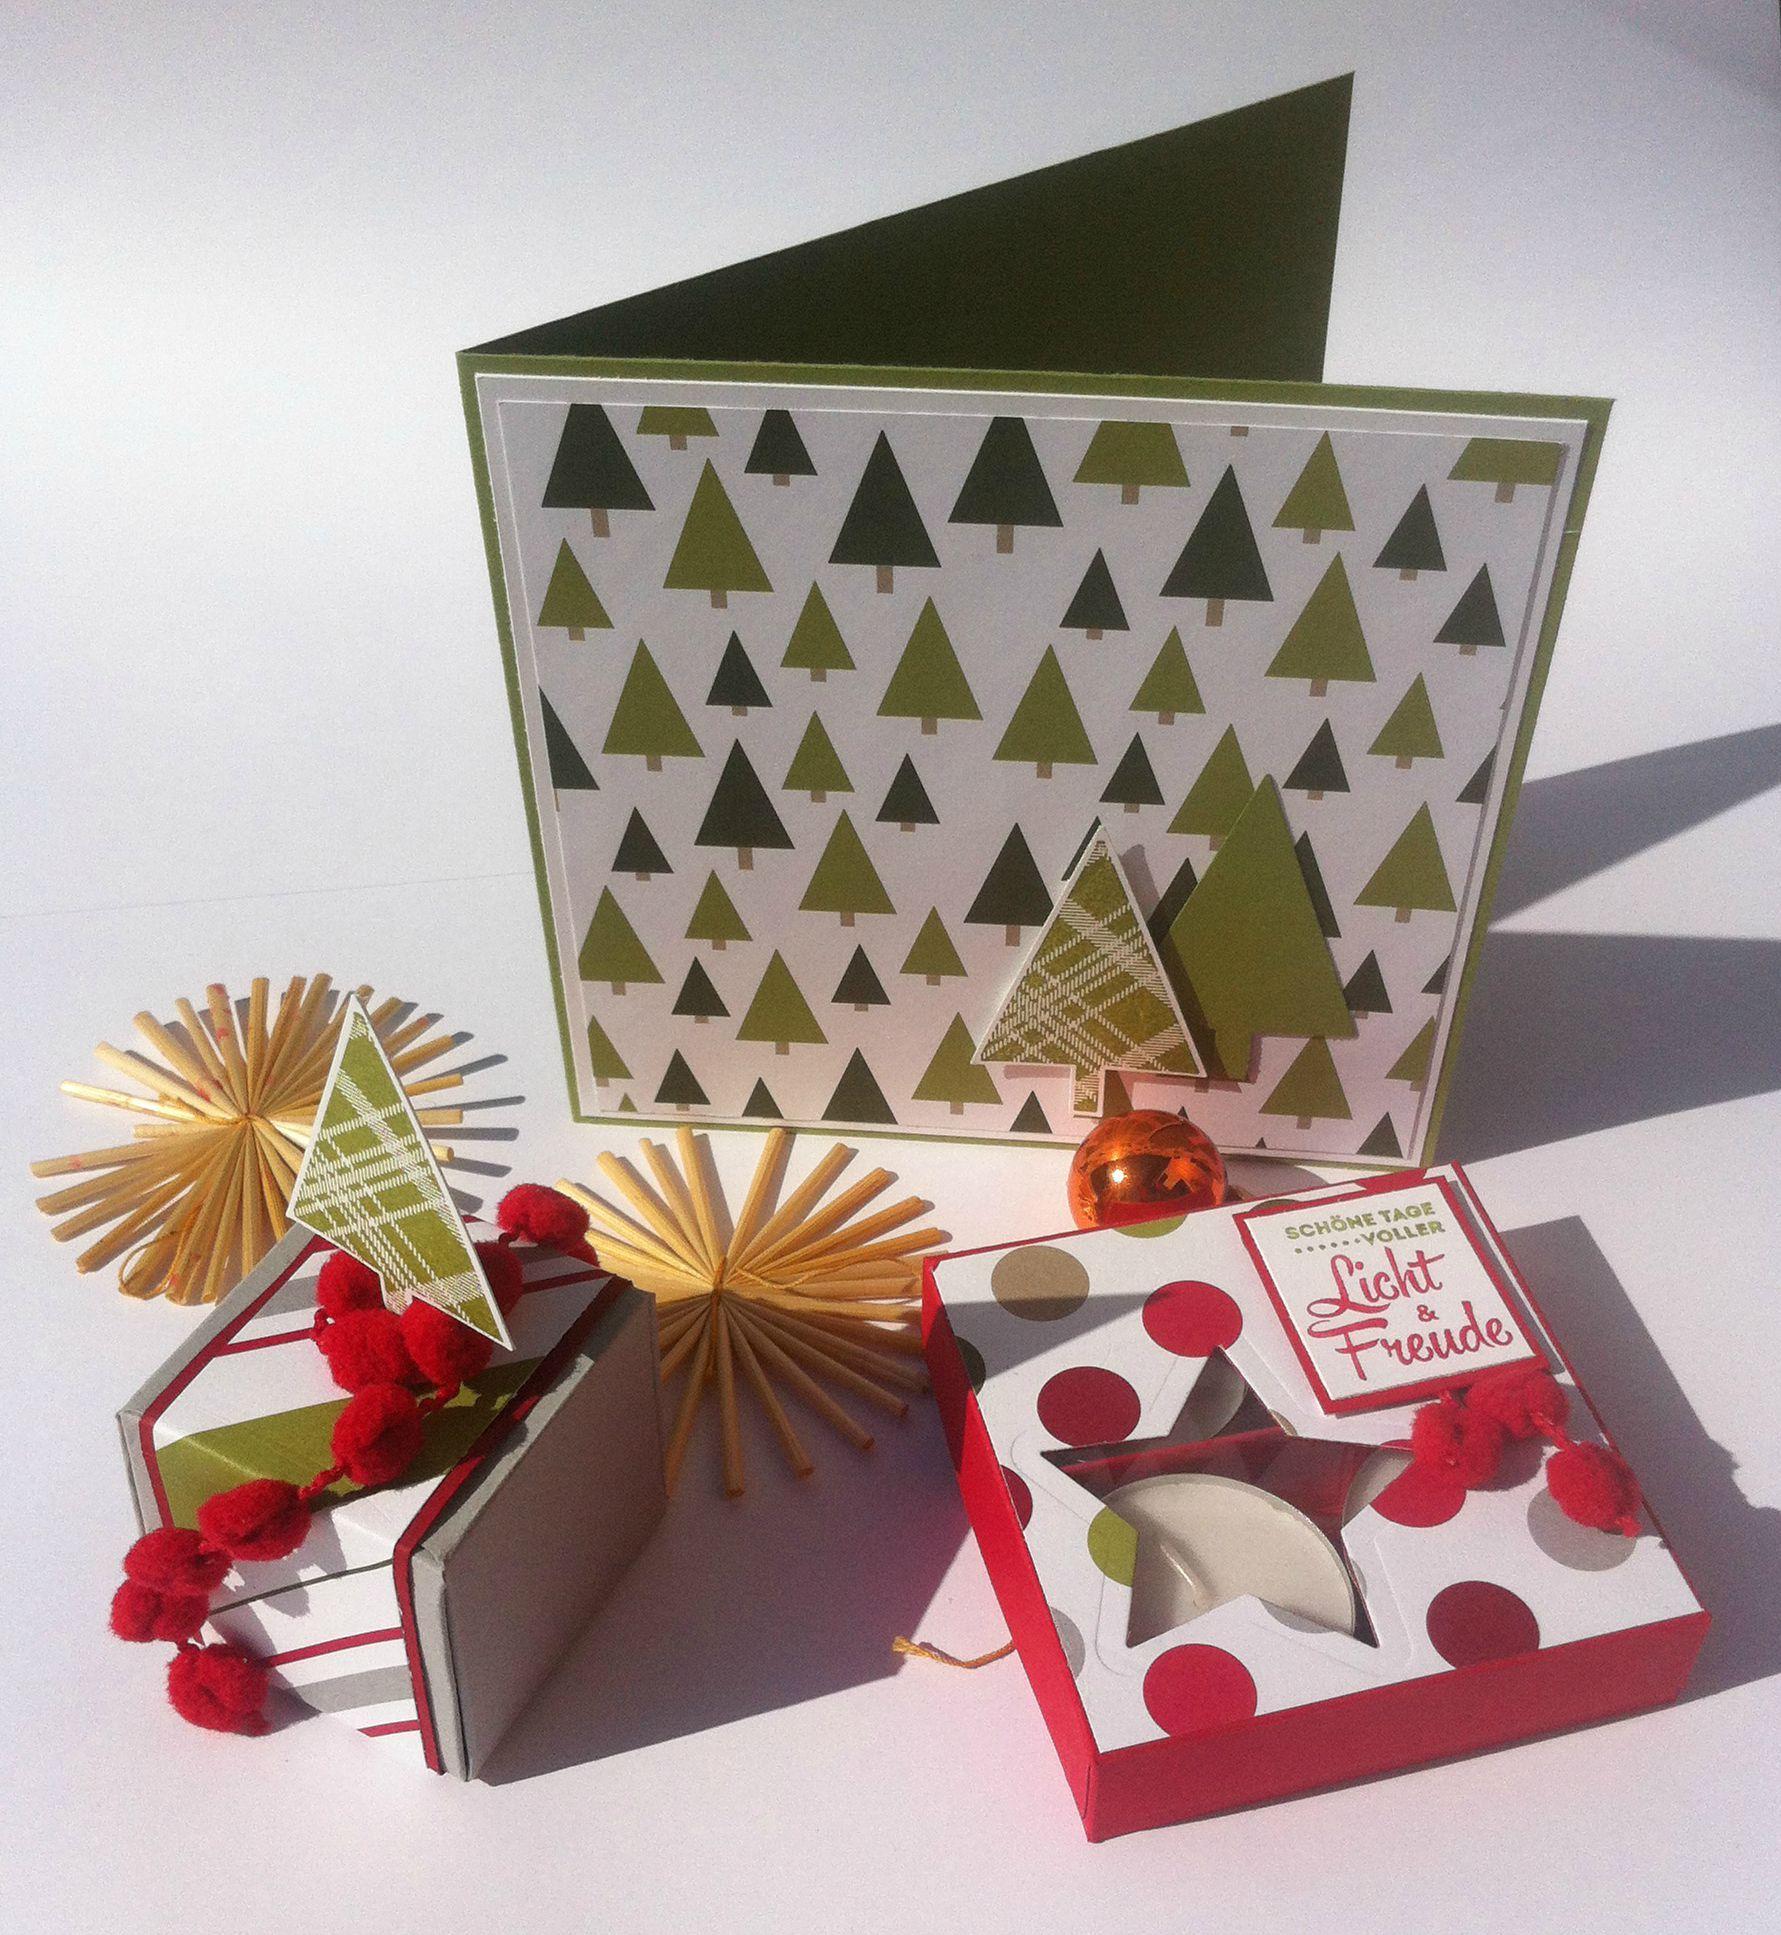 Selbst gemachte Geschenke und Karten sind zur Weihnachtszeit eine besondere Freude. Das Designerpapier Fröhliche Feiertage von Stampin' Up! sorgt mit seinen Mustern und Farben für die richtige Stimmung. #Weihnachten #Geschenk #Karte #Stampinup #DIY #Stempel